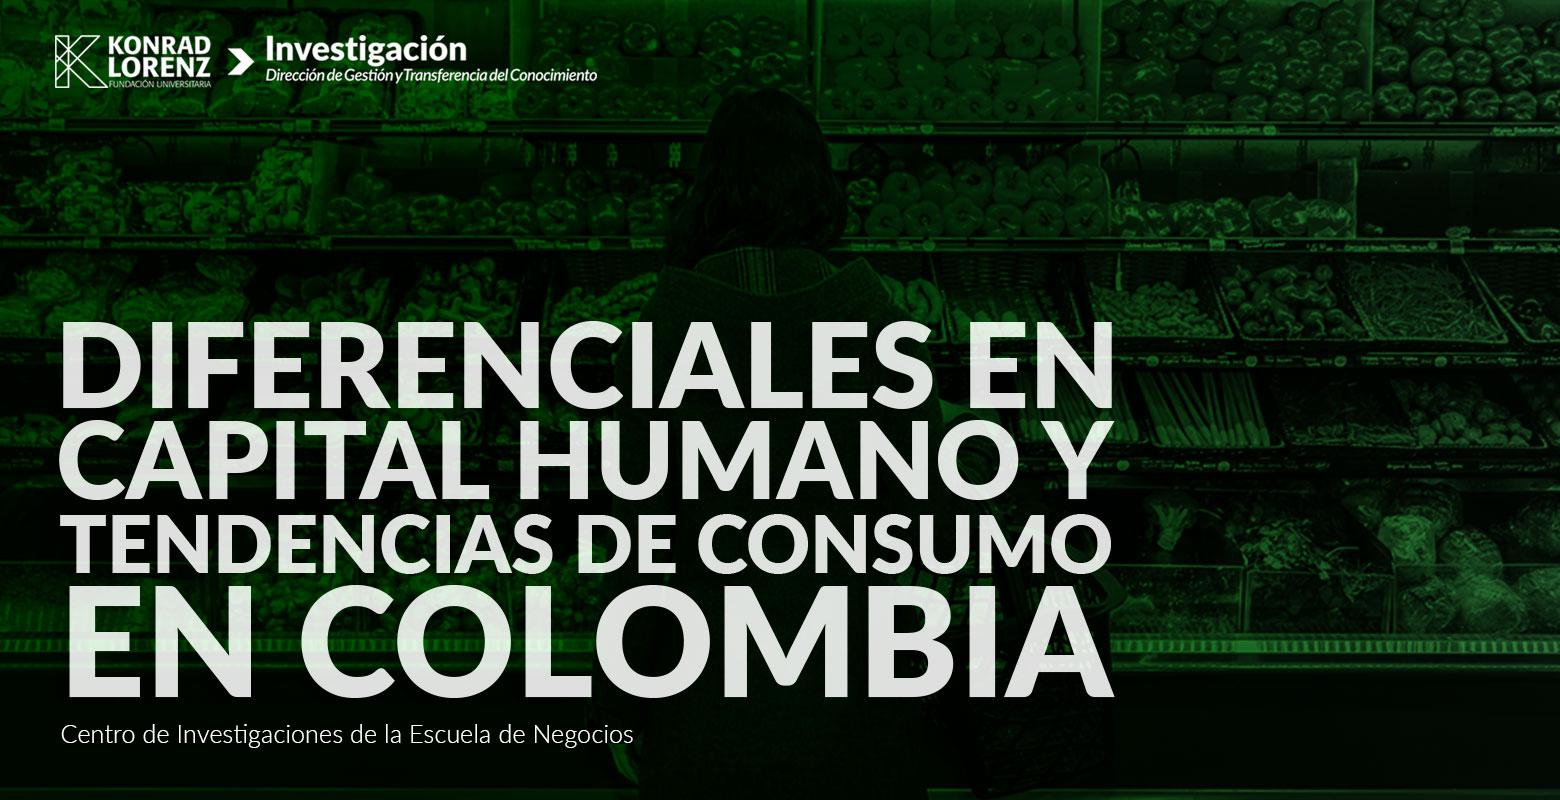 Diferenciales en Capital humano y tendencias de Consumo en Colombia